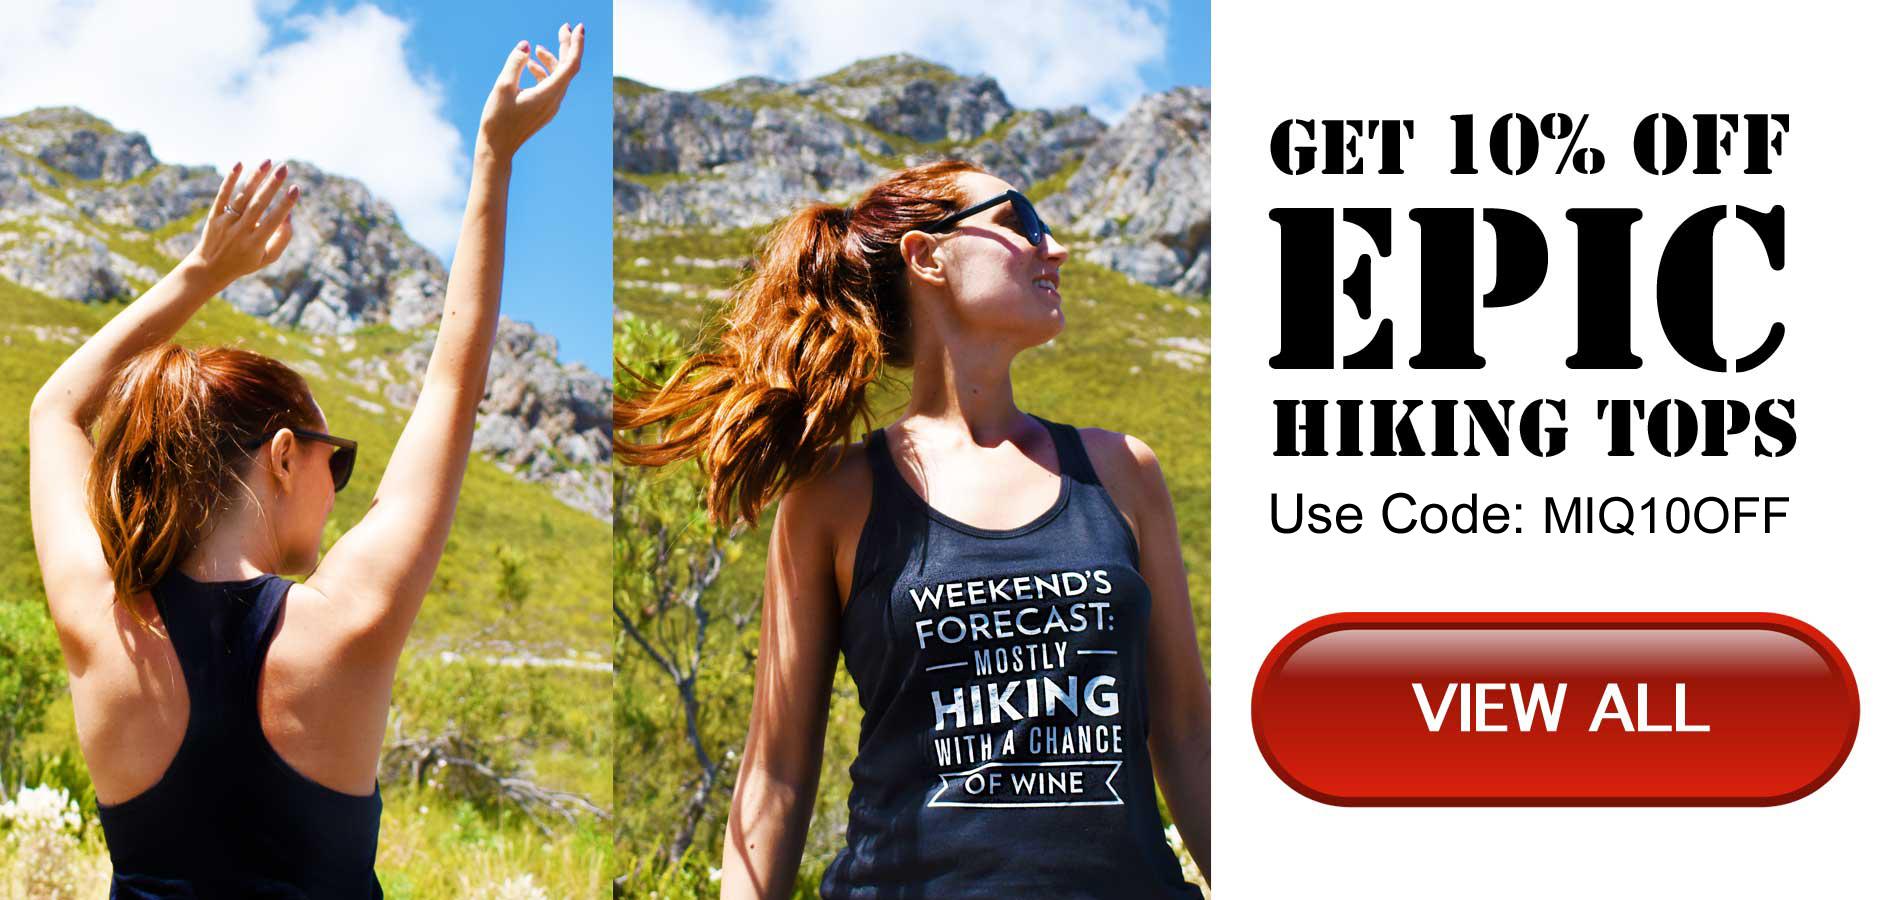 https://www.mountainiq.com/wp-content/uploads/2019/01/MIQ-Mila-Hiking-Ad.jpg